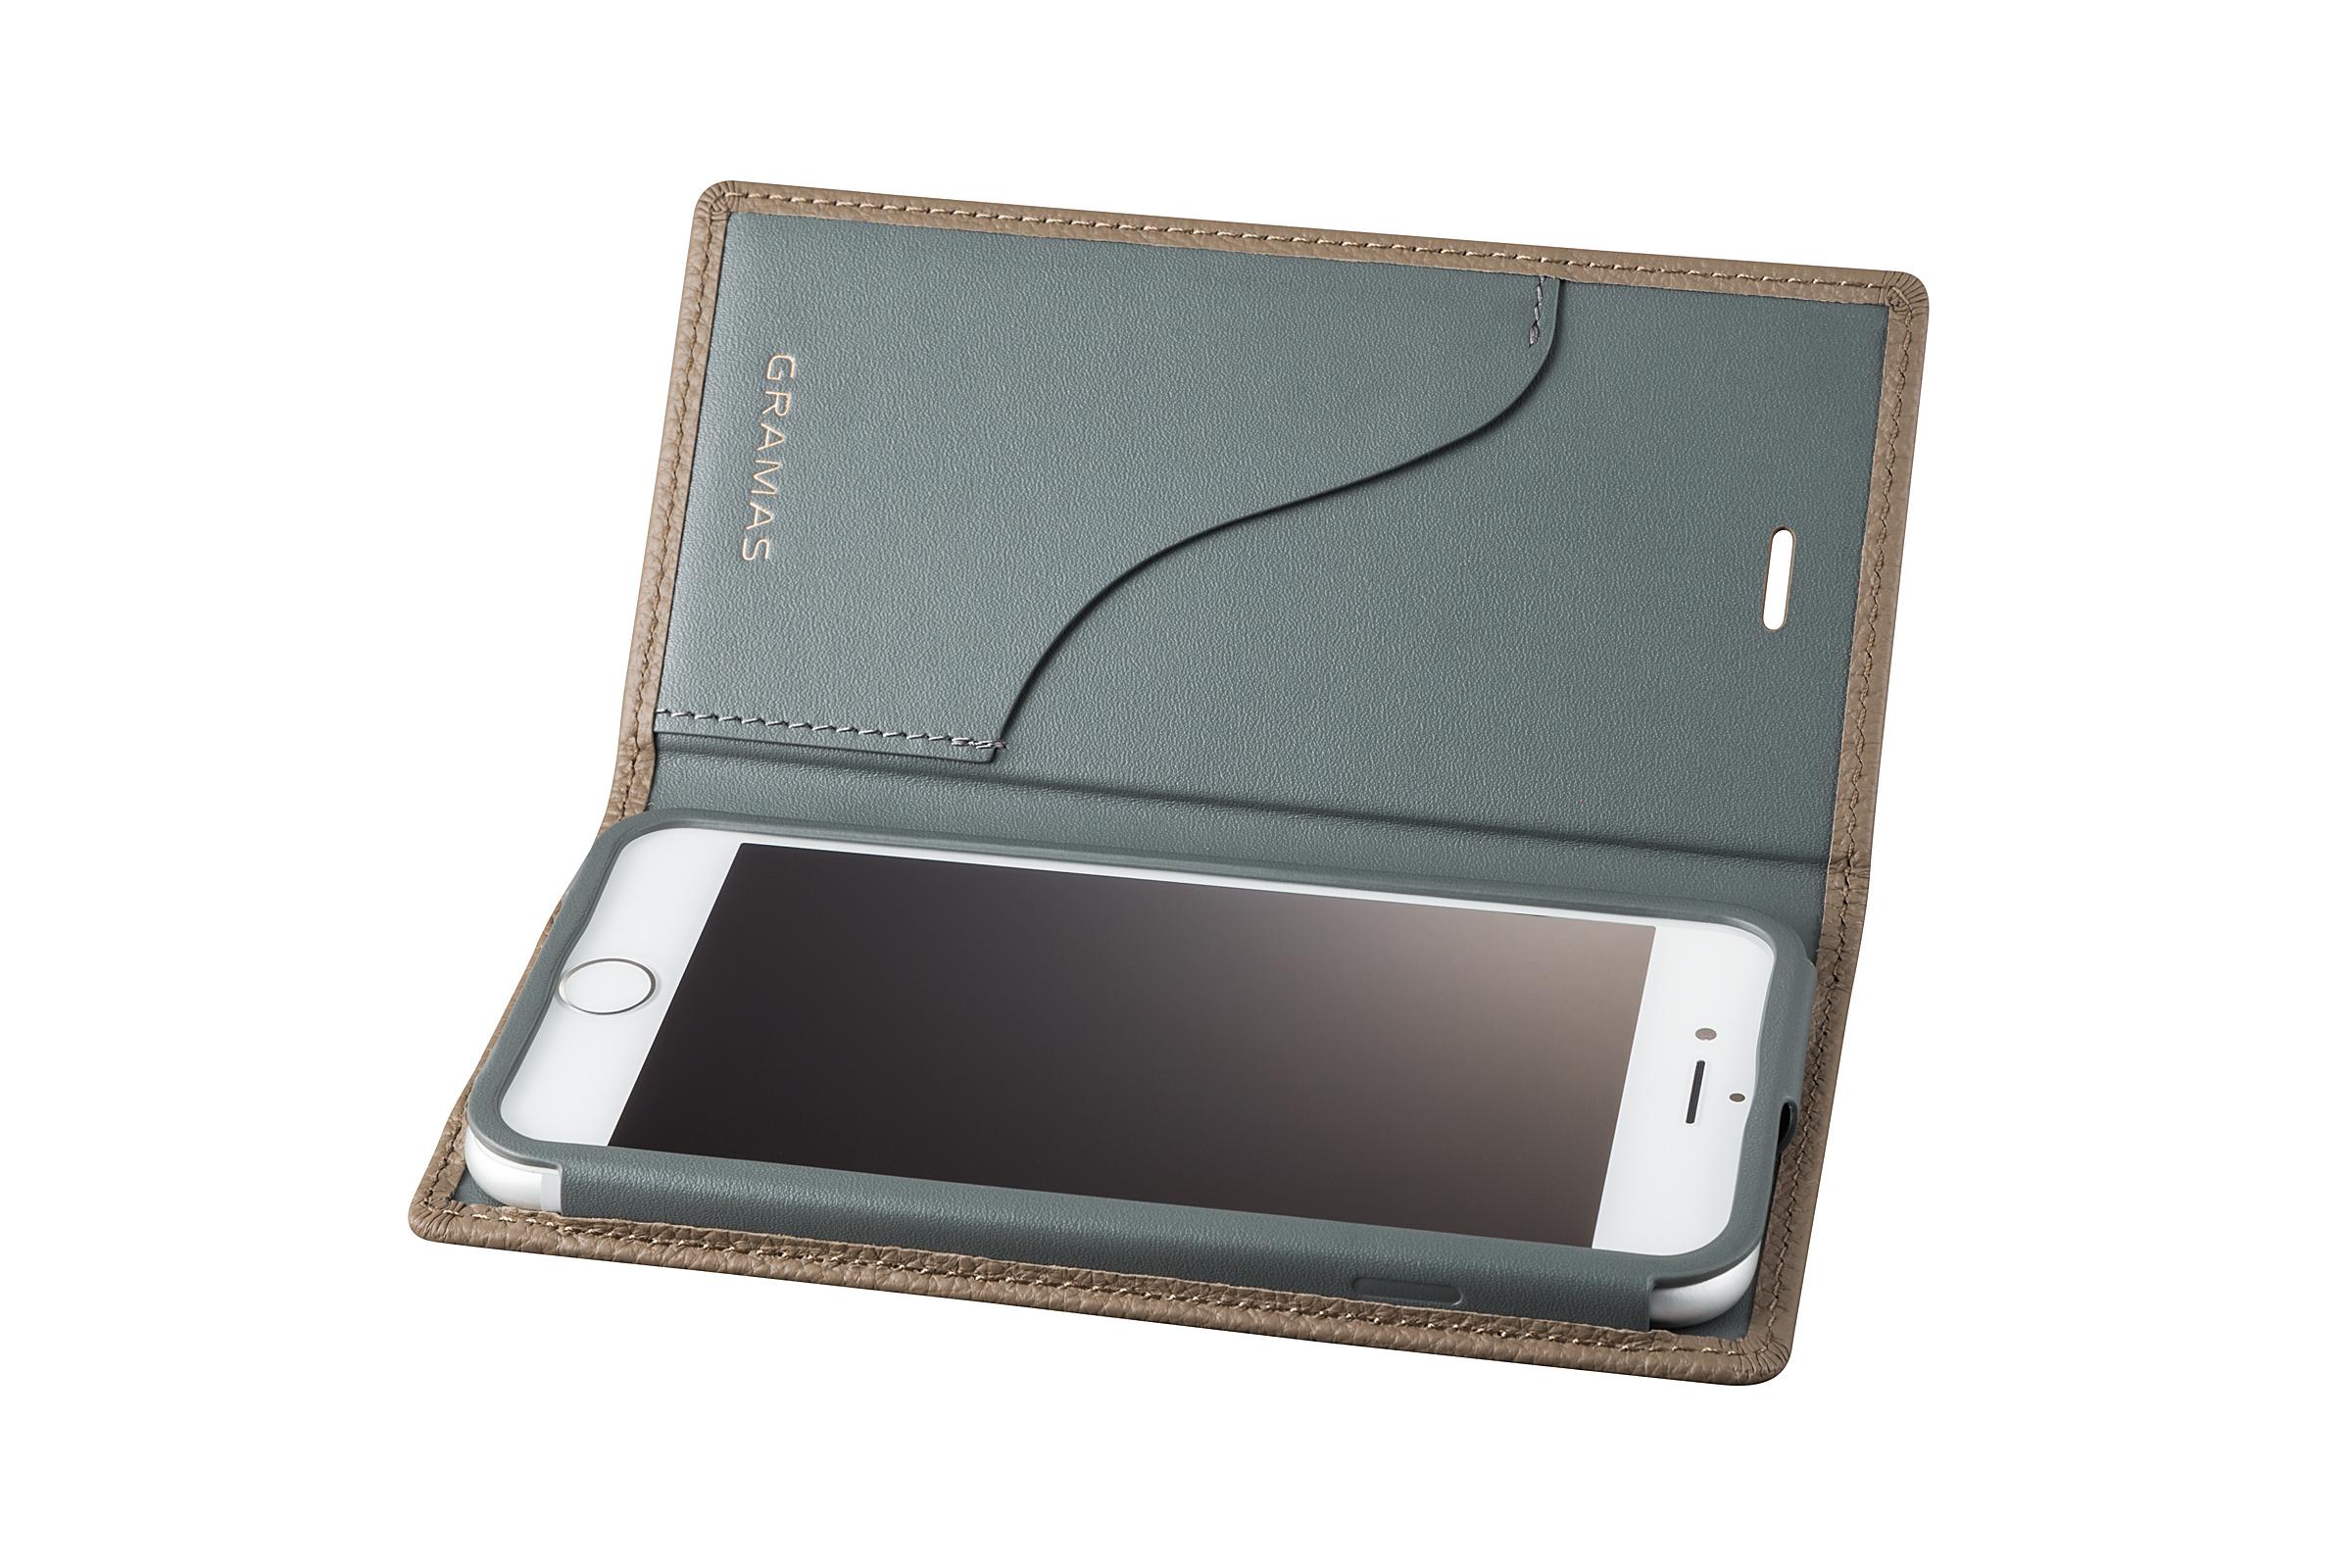 GRAMAS Shrunken-calf Full Leather Case for iPhone 7(Taupe(トープ)) シュランケンカーフ 手帳型フルレザーケース GLC646TP - 画像3